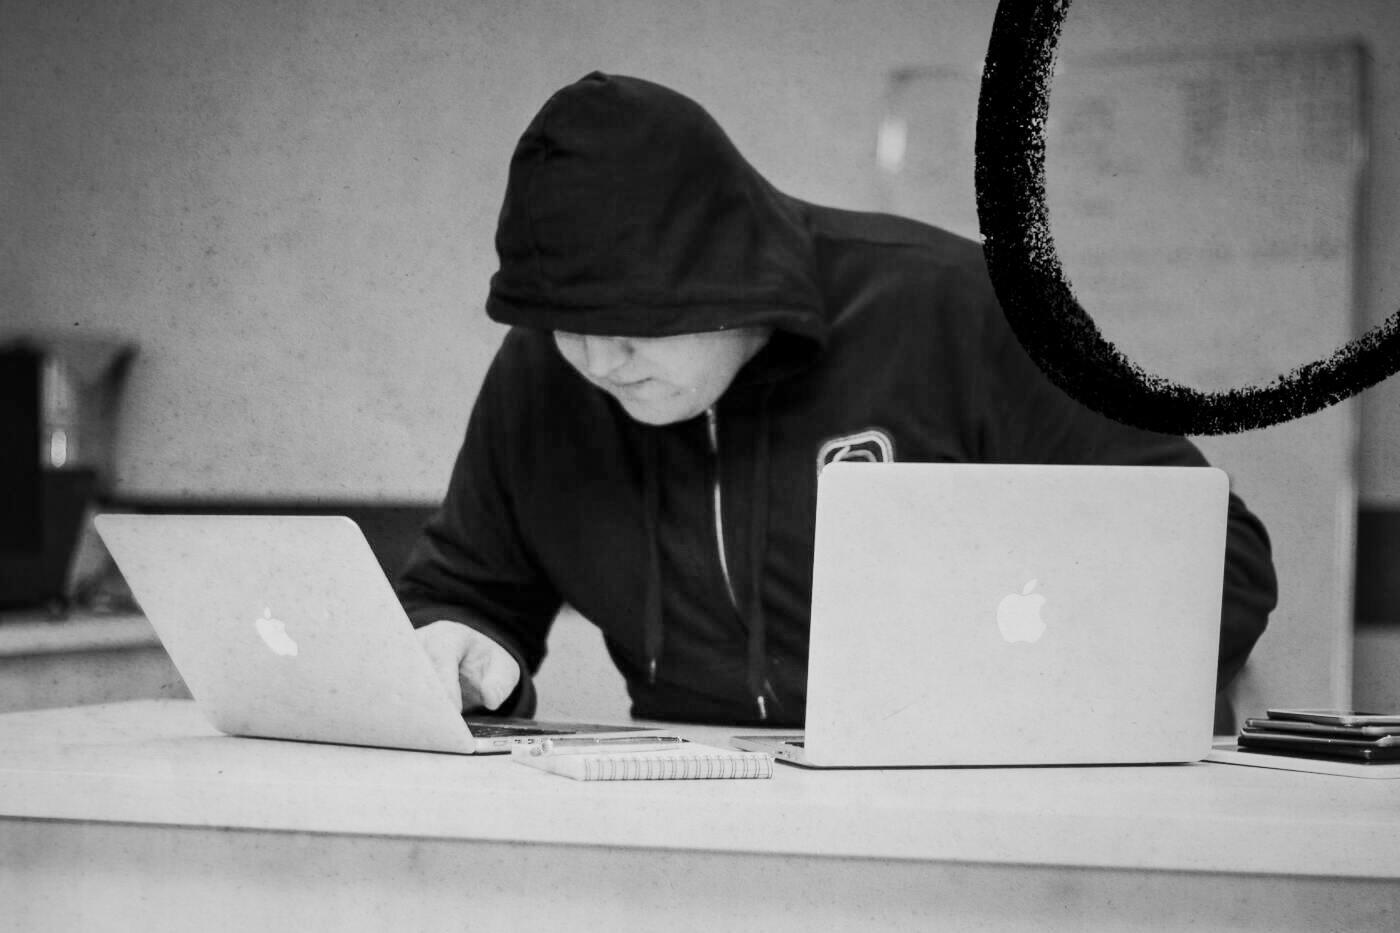 Antifragile Finance: How Hacks Make DeFi Stronger - DeFriday #9